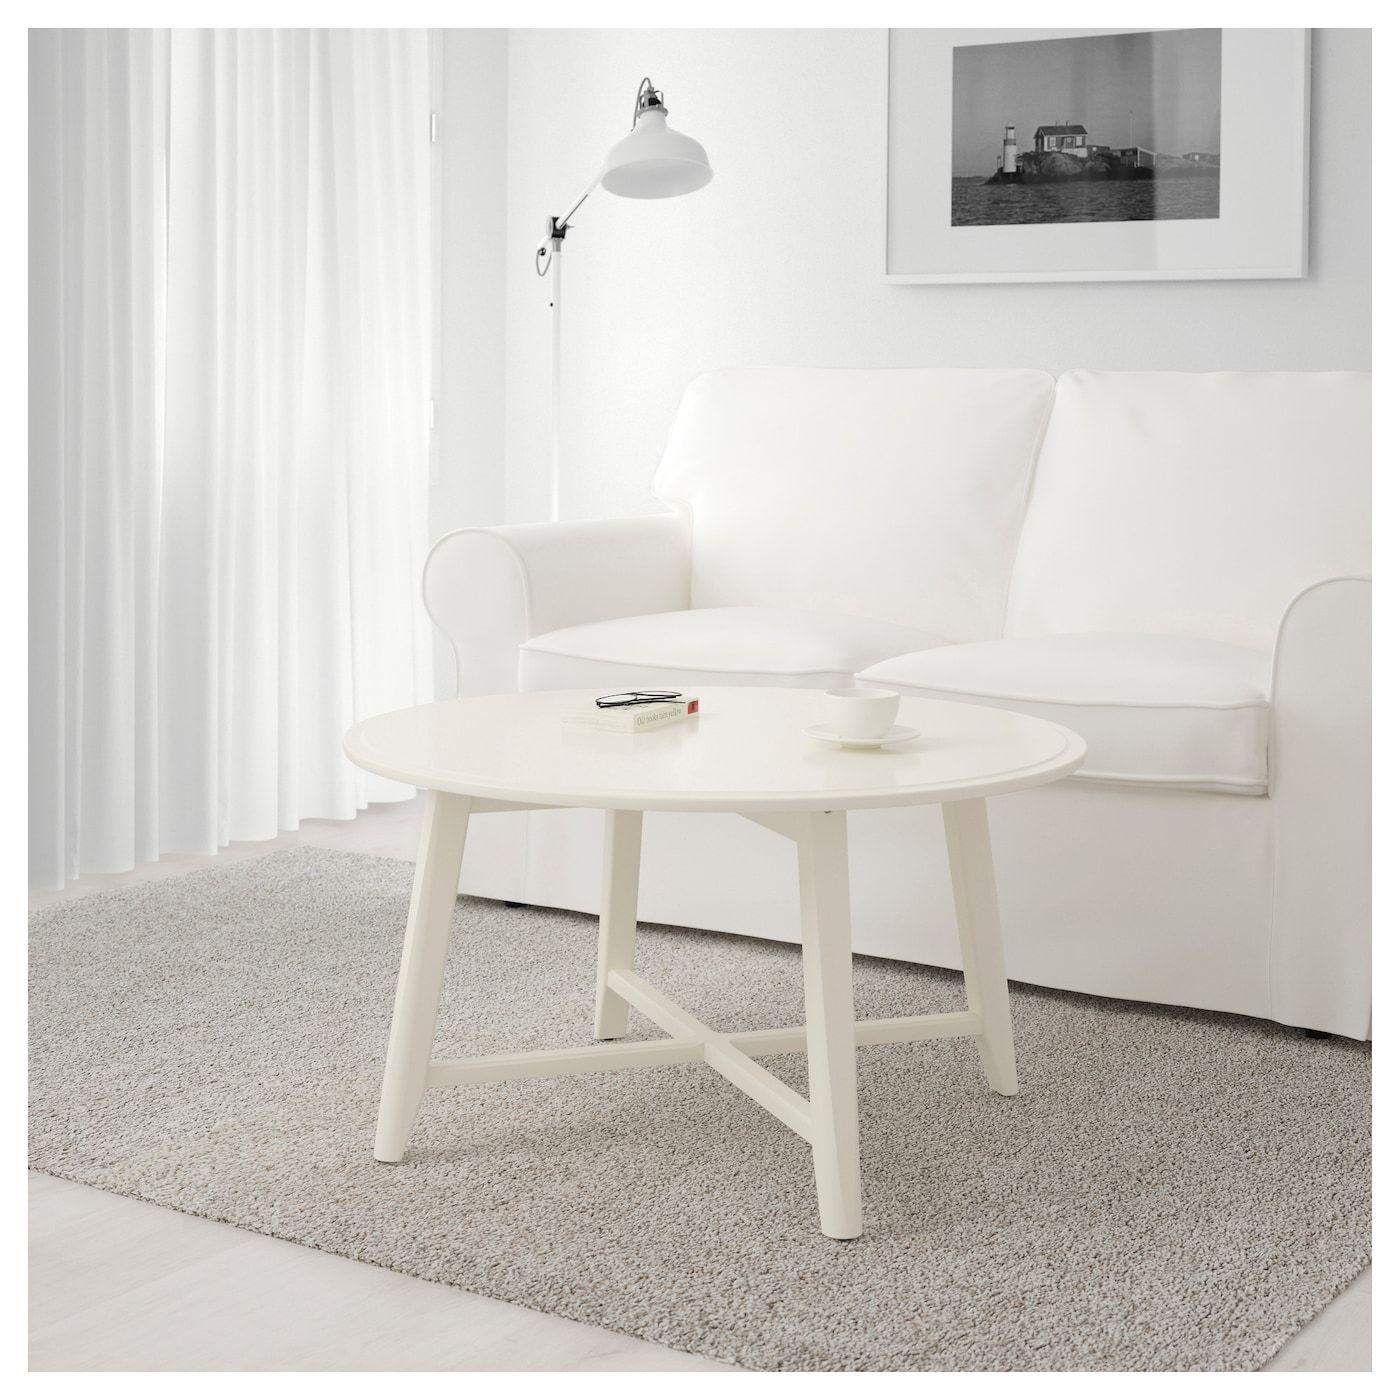 Kragsta Couchtisch Weiss 90 Cm Ikea Deutschland White Round Coffee Table Coffee Table Ikea Coffee Table [ 1400 x 1400 Pixel ]